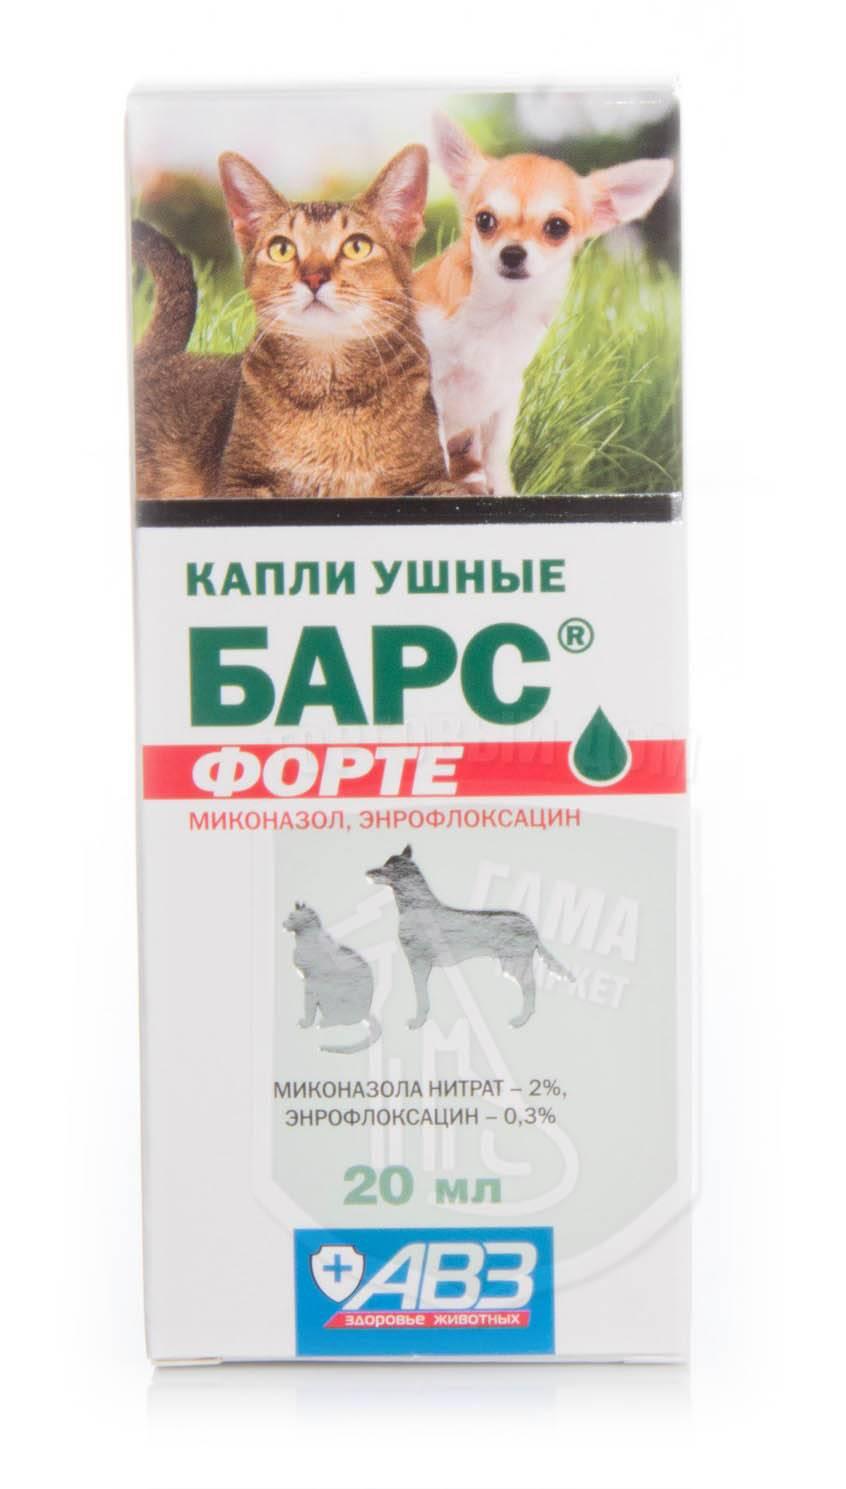 Барс капли для собак 10-20 кг - купить, цена и аналоги, инструкция по применению, отзывы в интернет ветаптеке добропесик